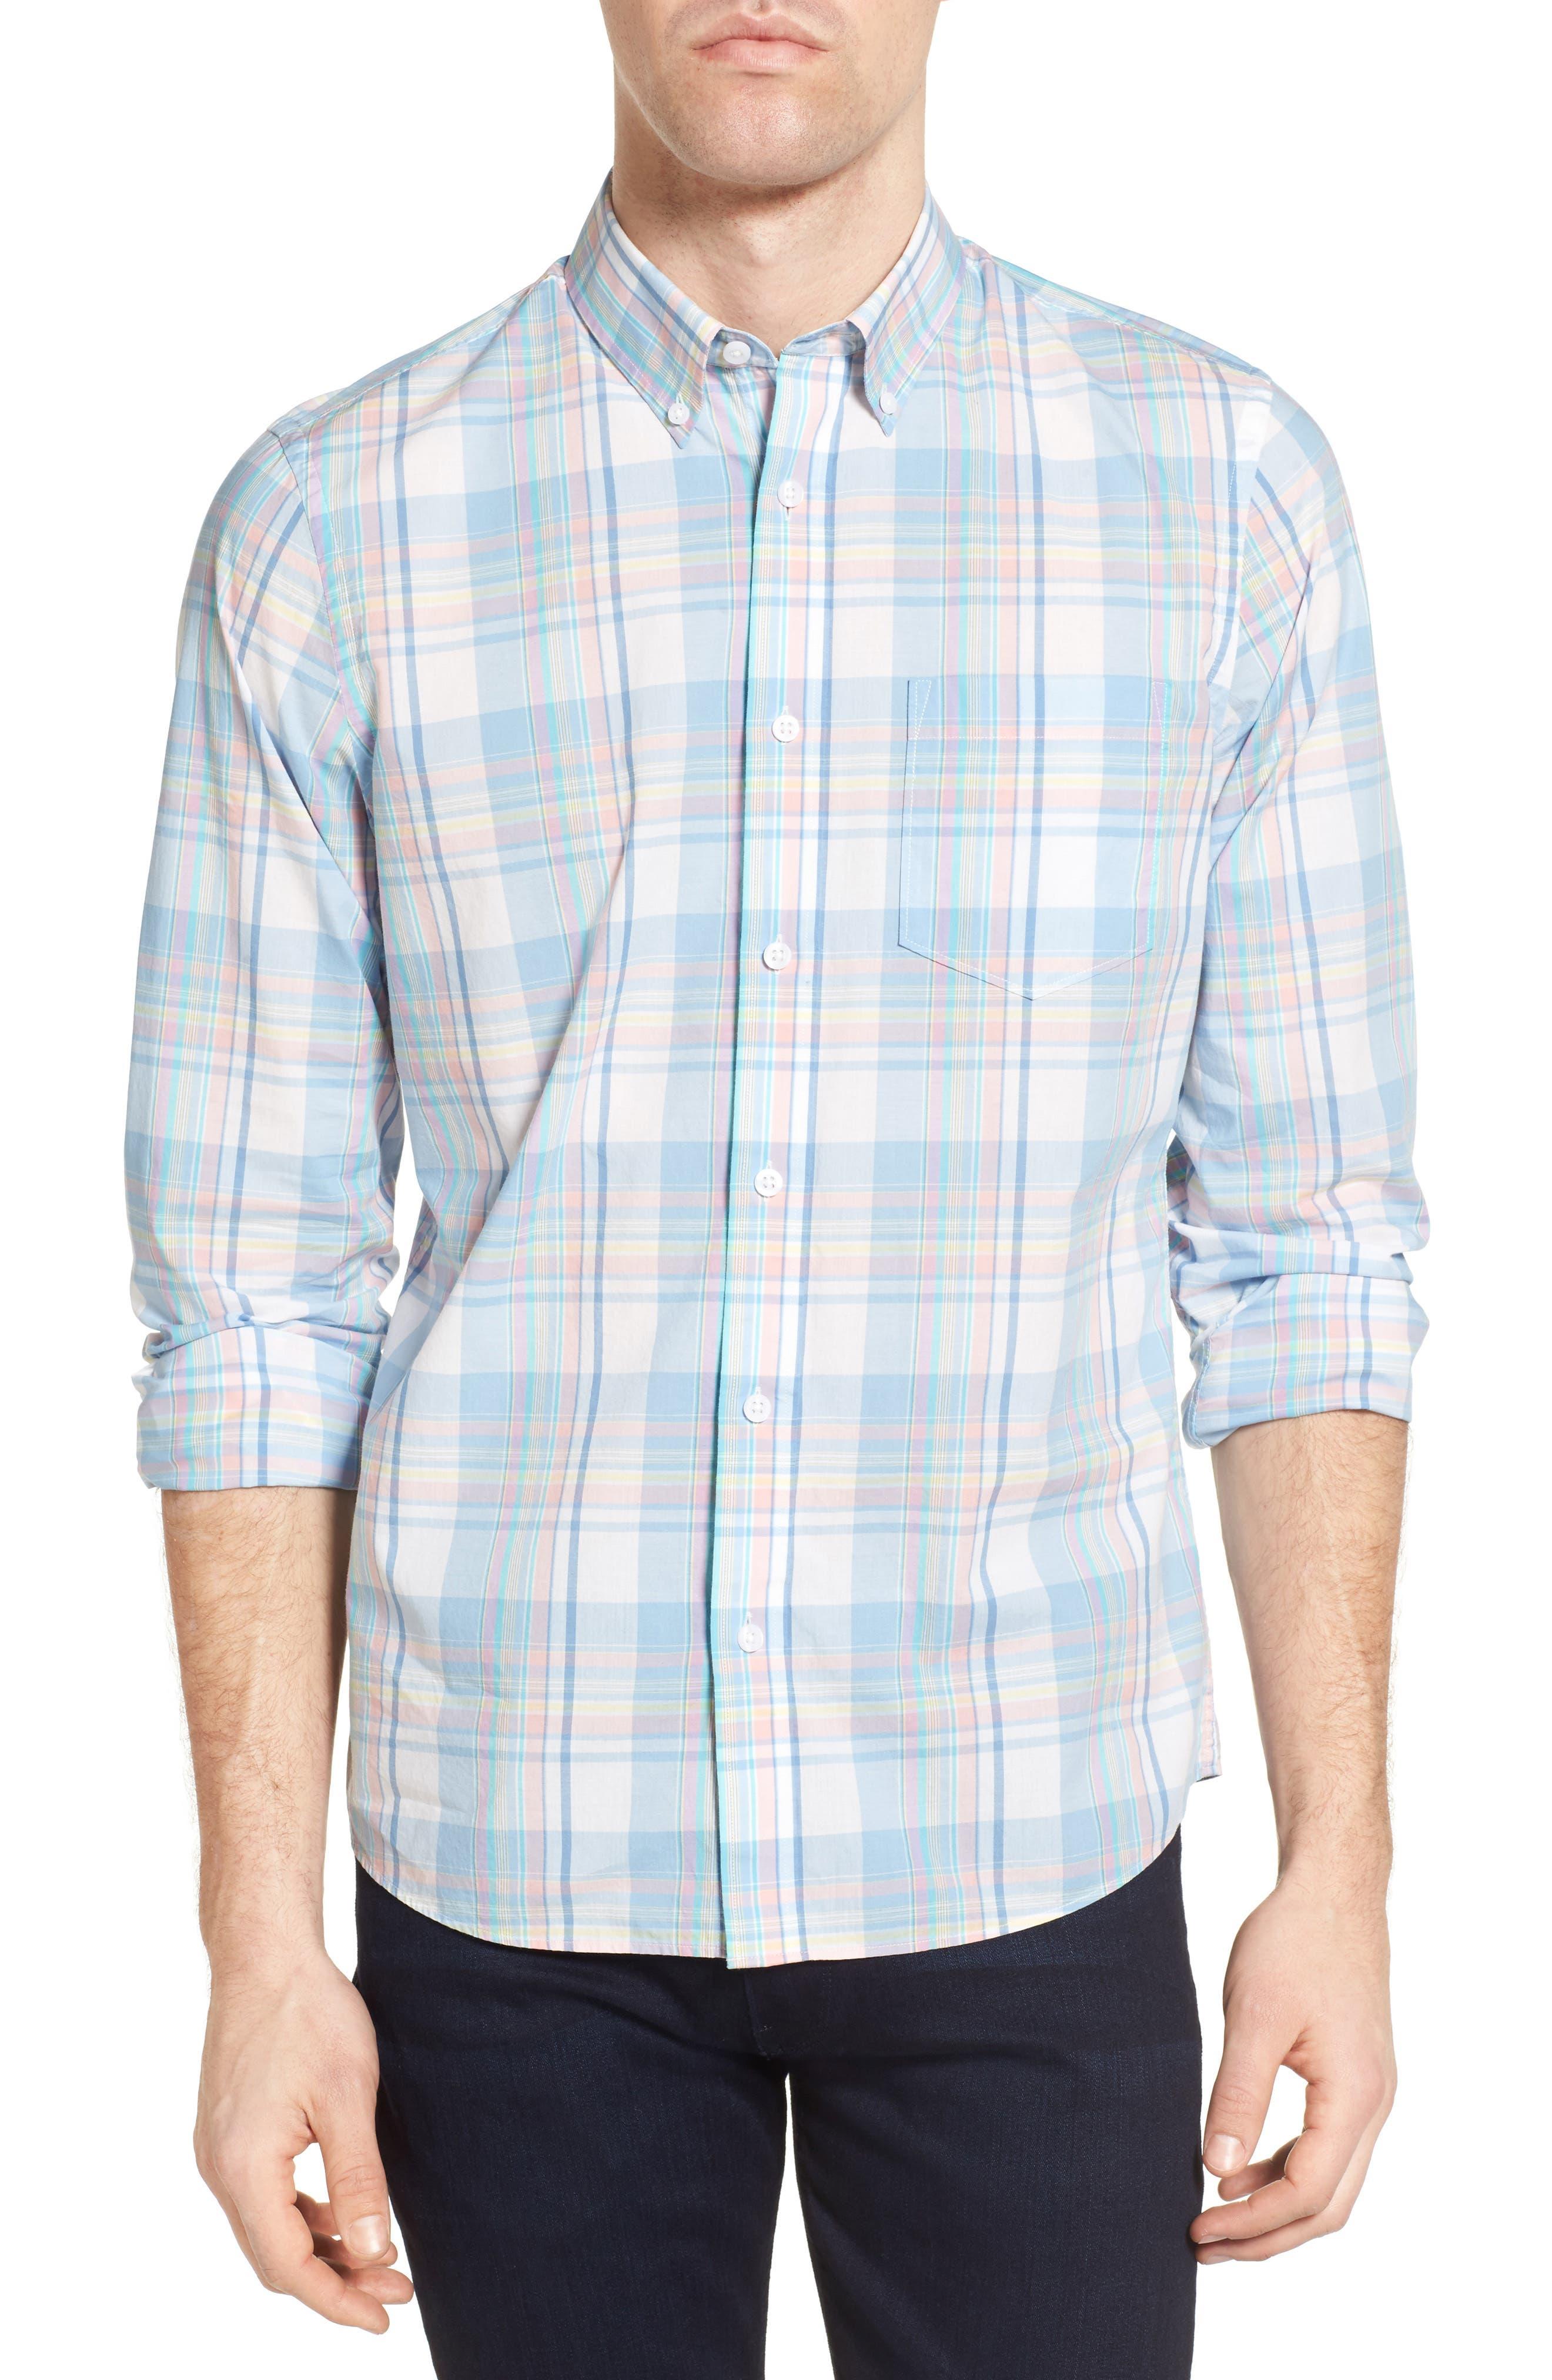 Nordstrom Men's Shop Slim Fit Washed Plaid Sport Shirt (Regular & Tall)